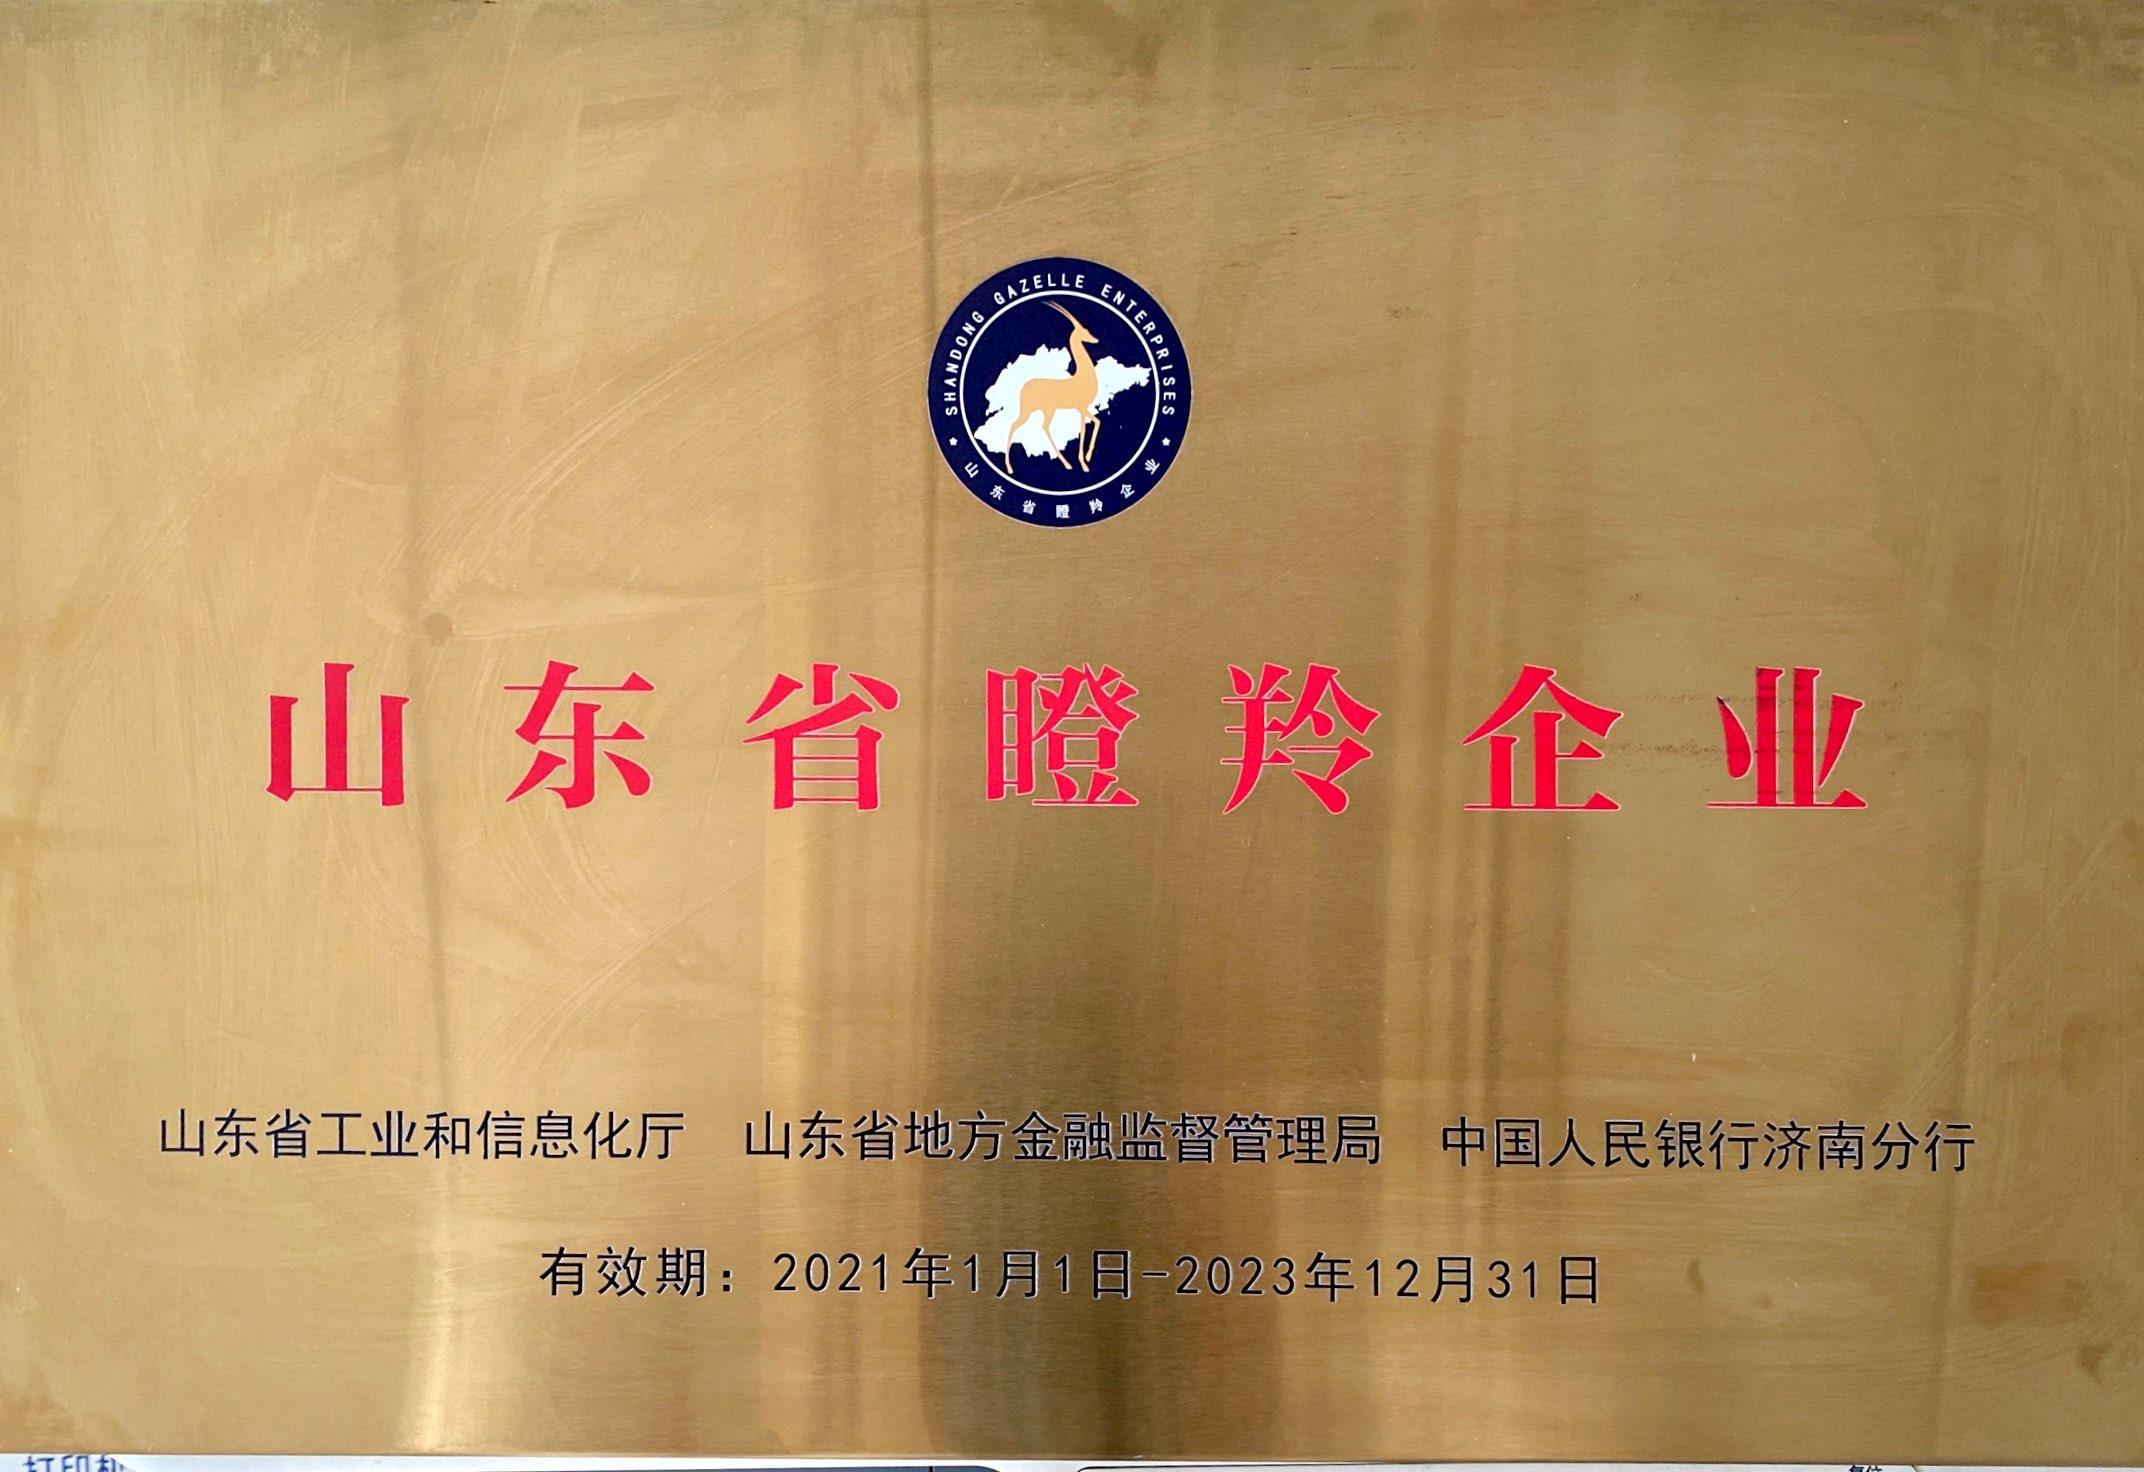 山东省瞪羚企业